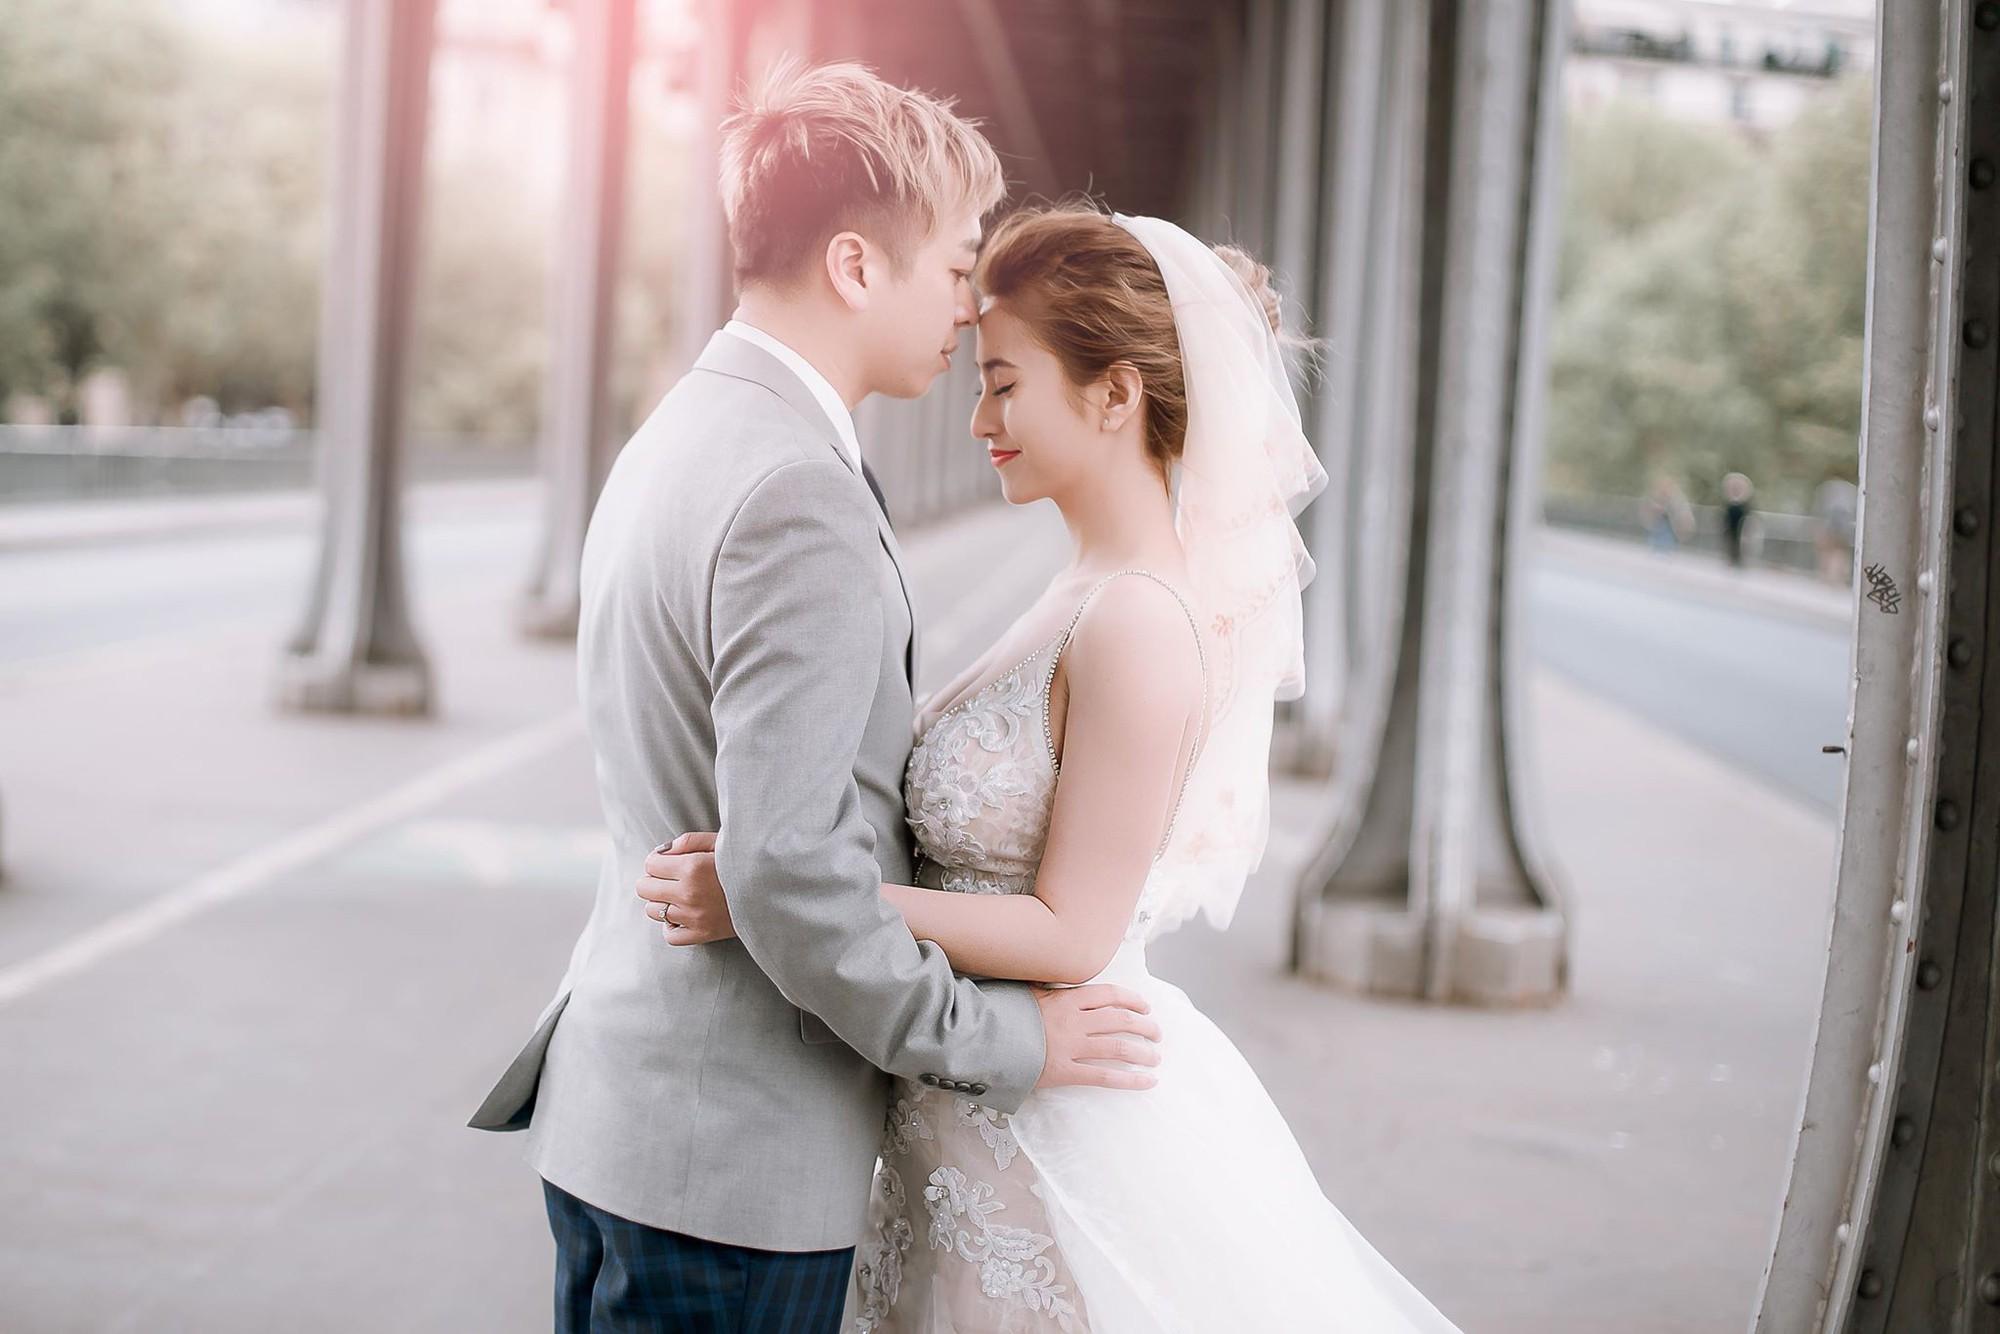 Việt My hé lộ ảnh cưới với bạn trai Việt kiều, tiết lộ cụ thể thời gian tổ chức hôn lễ - Ảnh 1.